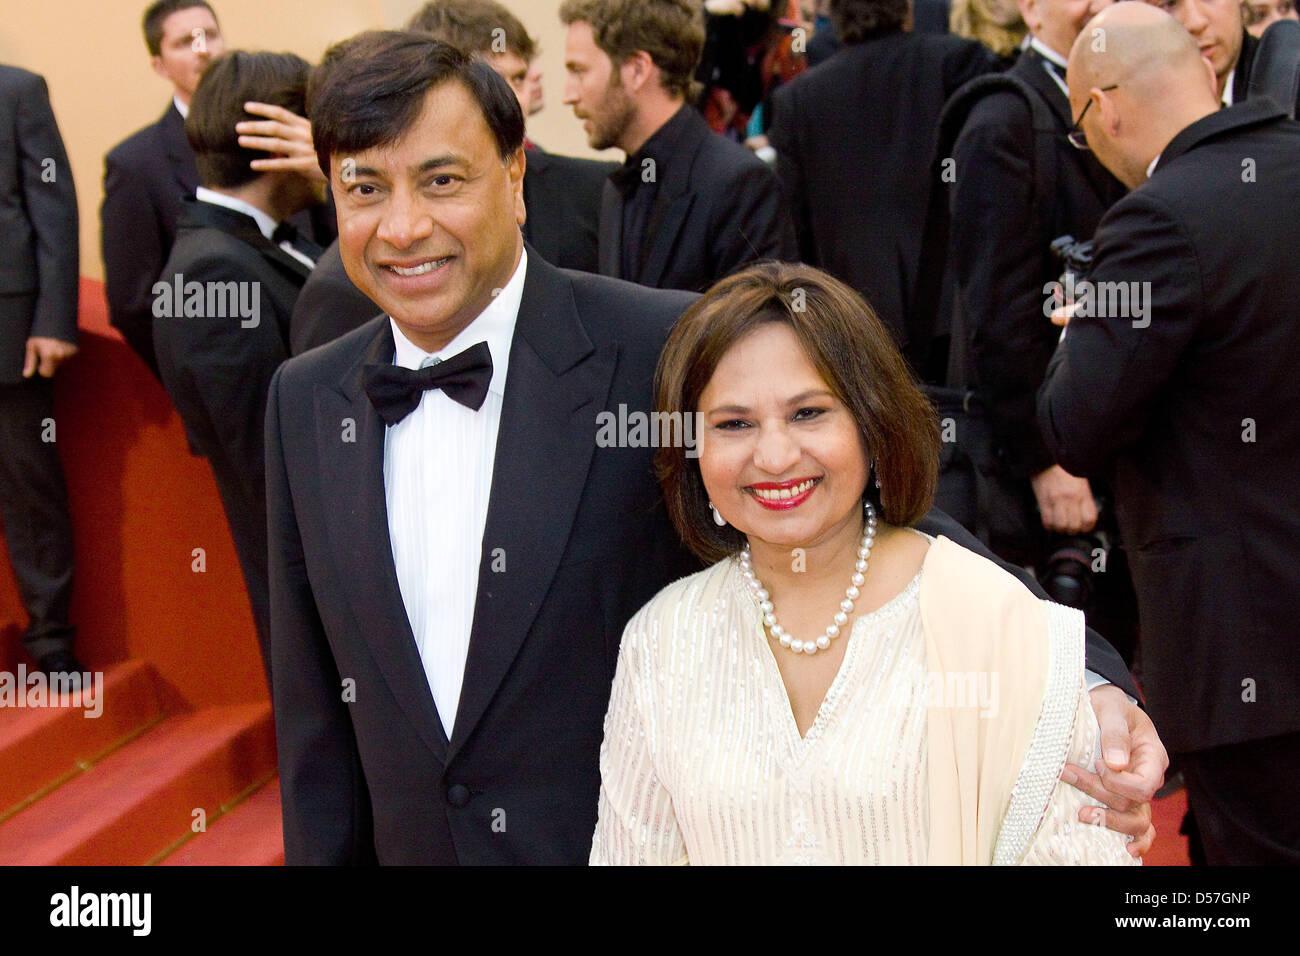 CEO de ArcelorMittal, Lakshmi Mittal y su esposa Usha llegar para el estreno de 'Conocerás A Tall Dark Imagen De Stock